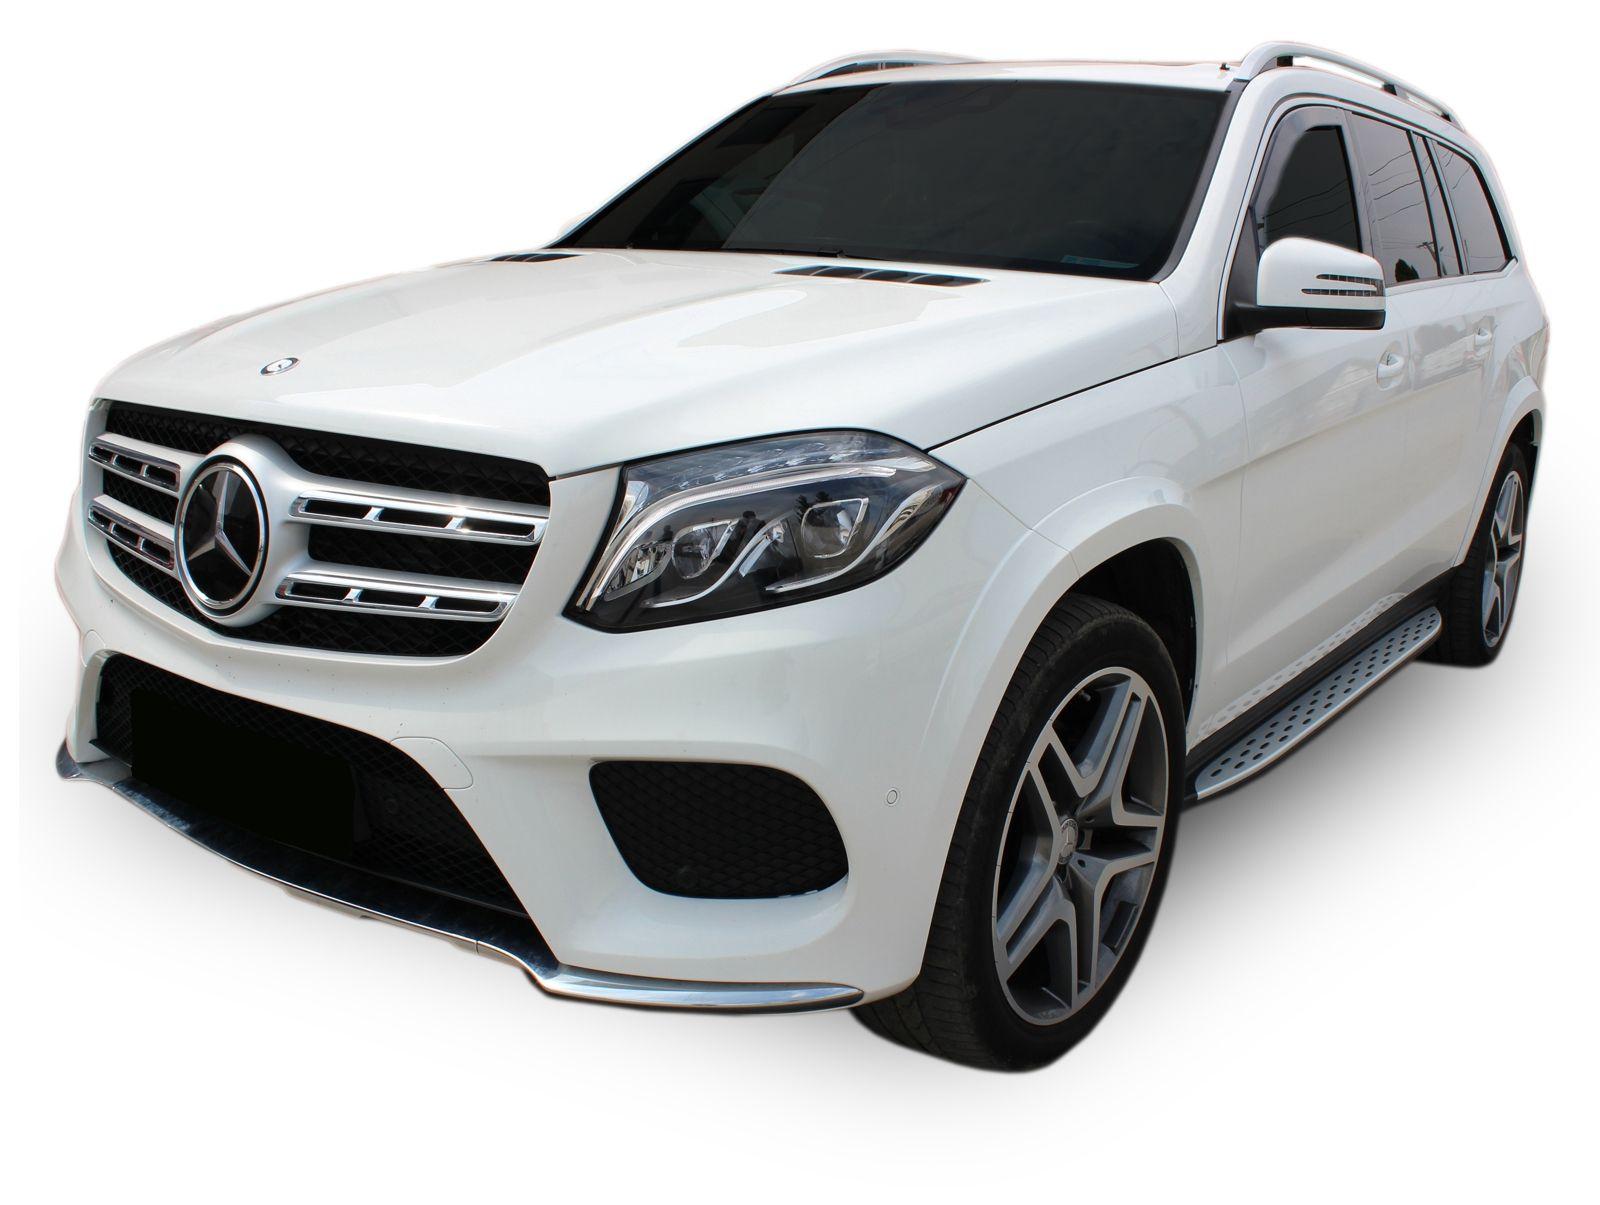 Bočné nášľapy Mercedes-Benz GL 450 X166 2013-2019